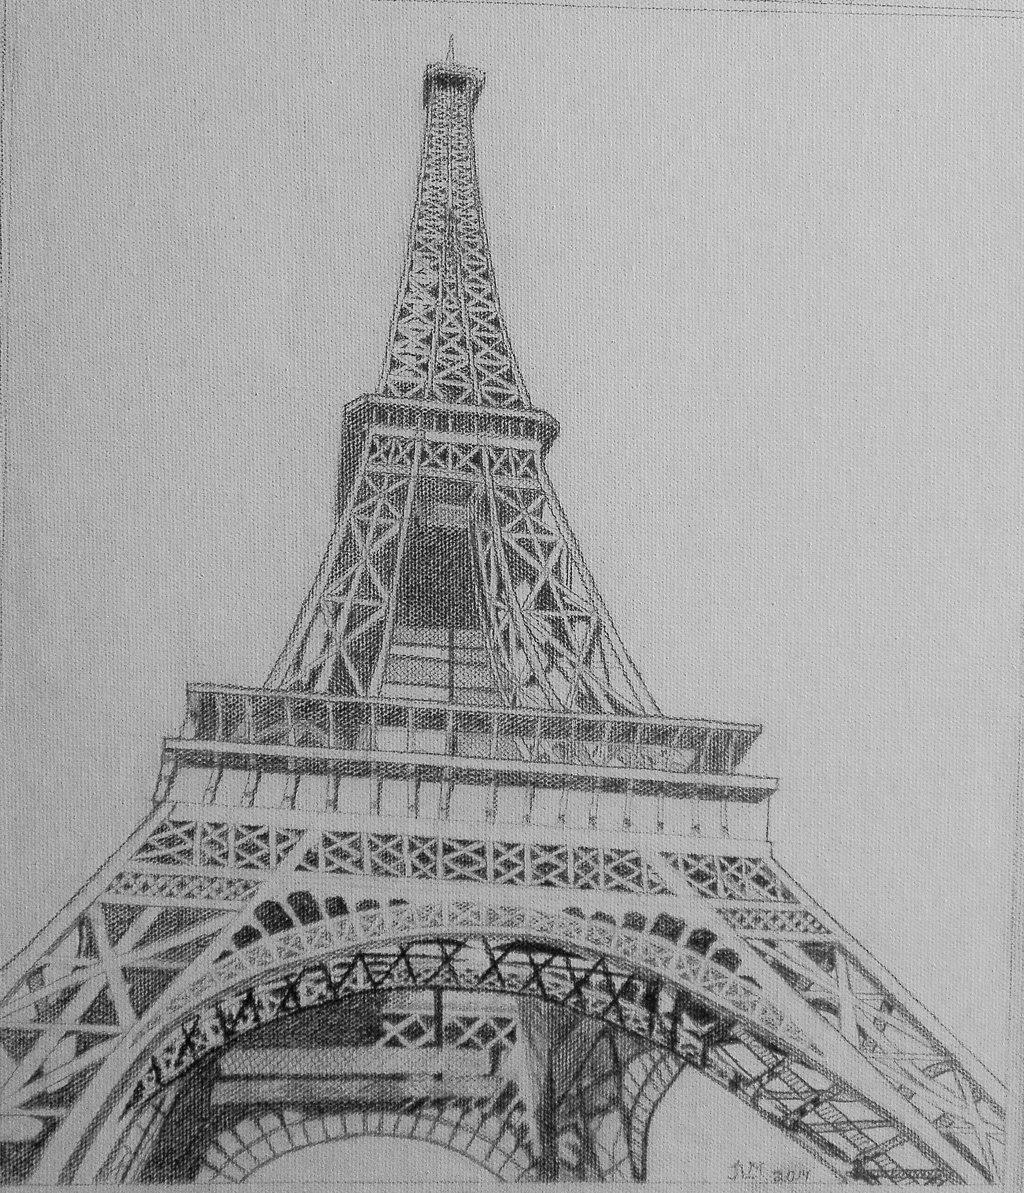 pencil sketch of eiffel tower eiffel tower weirdpuckett foundmyself tower of sketch eiffel pencil